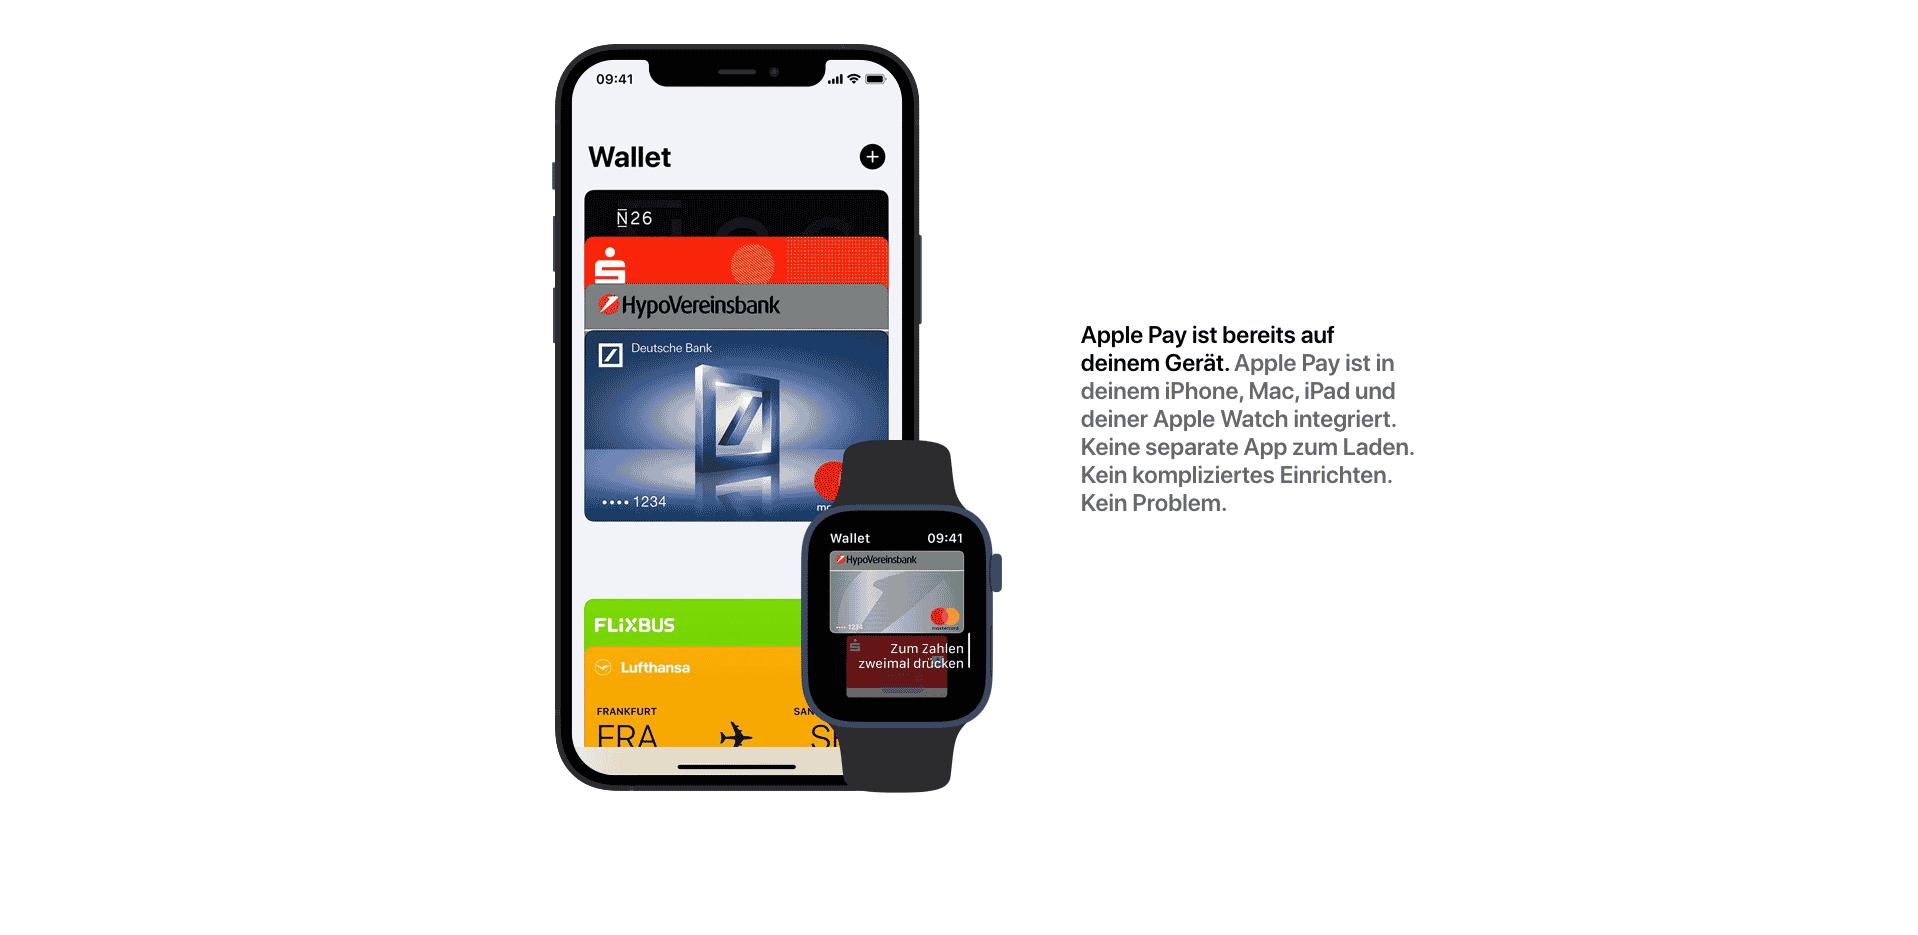 apple pay wallet hinzufügen